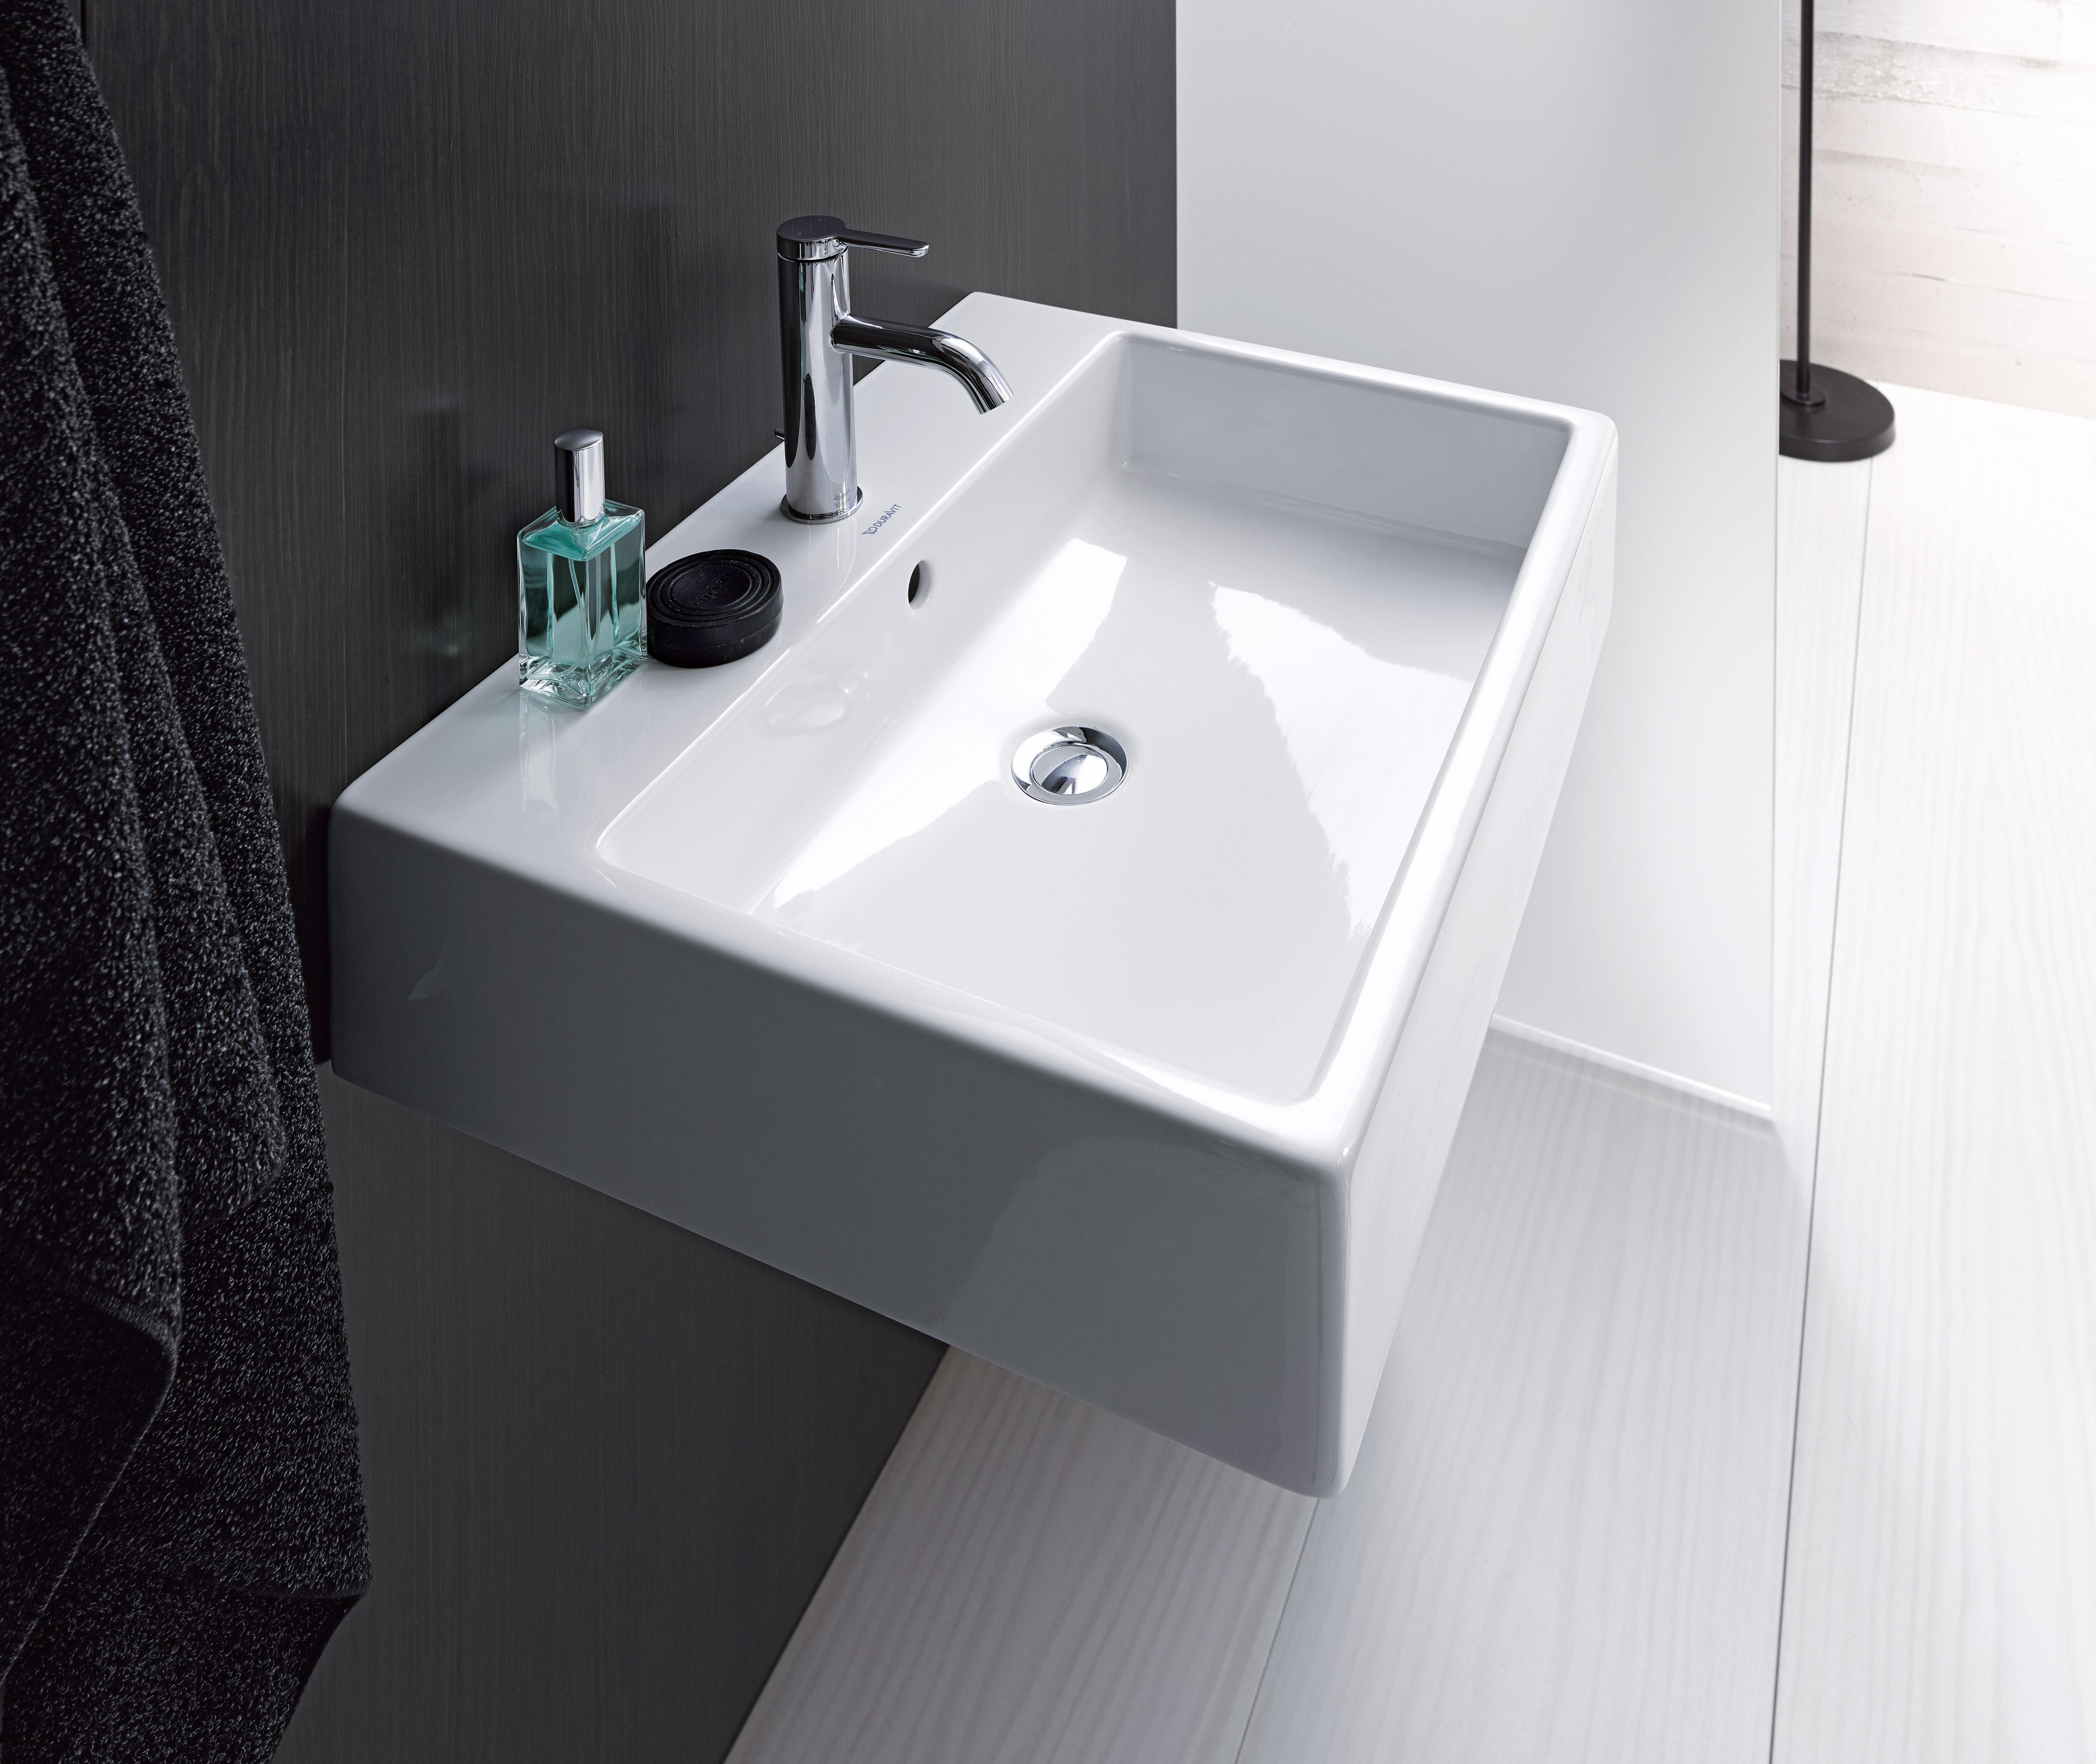 Duravit vero air badkamermeubels baden wc 39 s en meer duravit - Wastafel een poser duravit ...